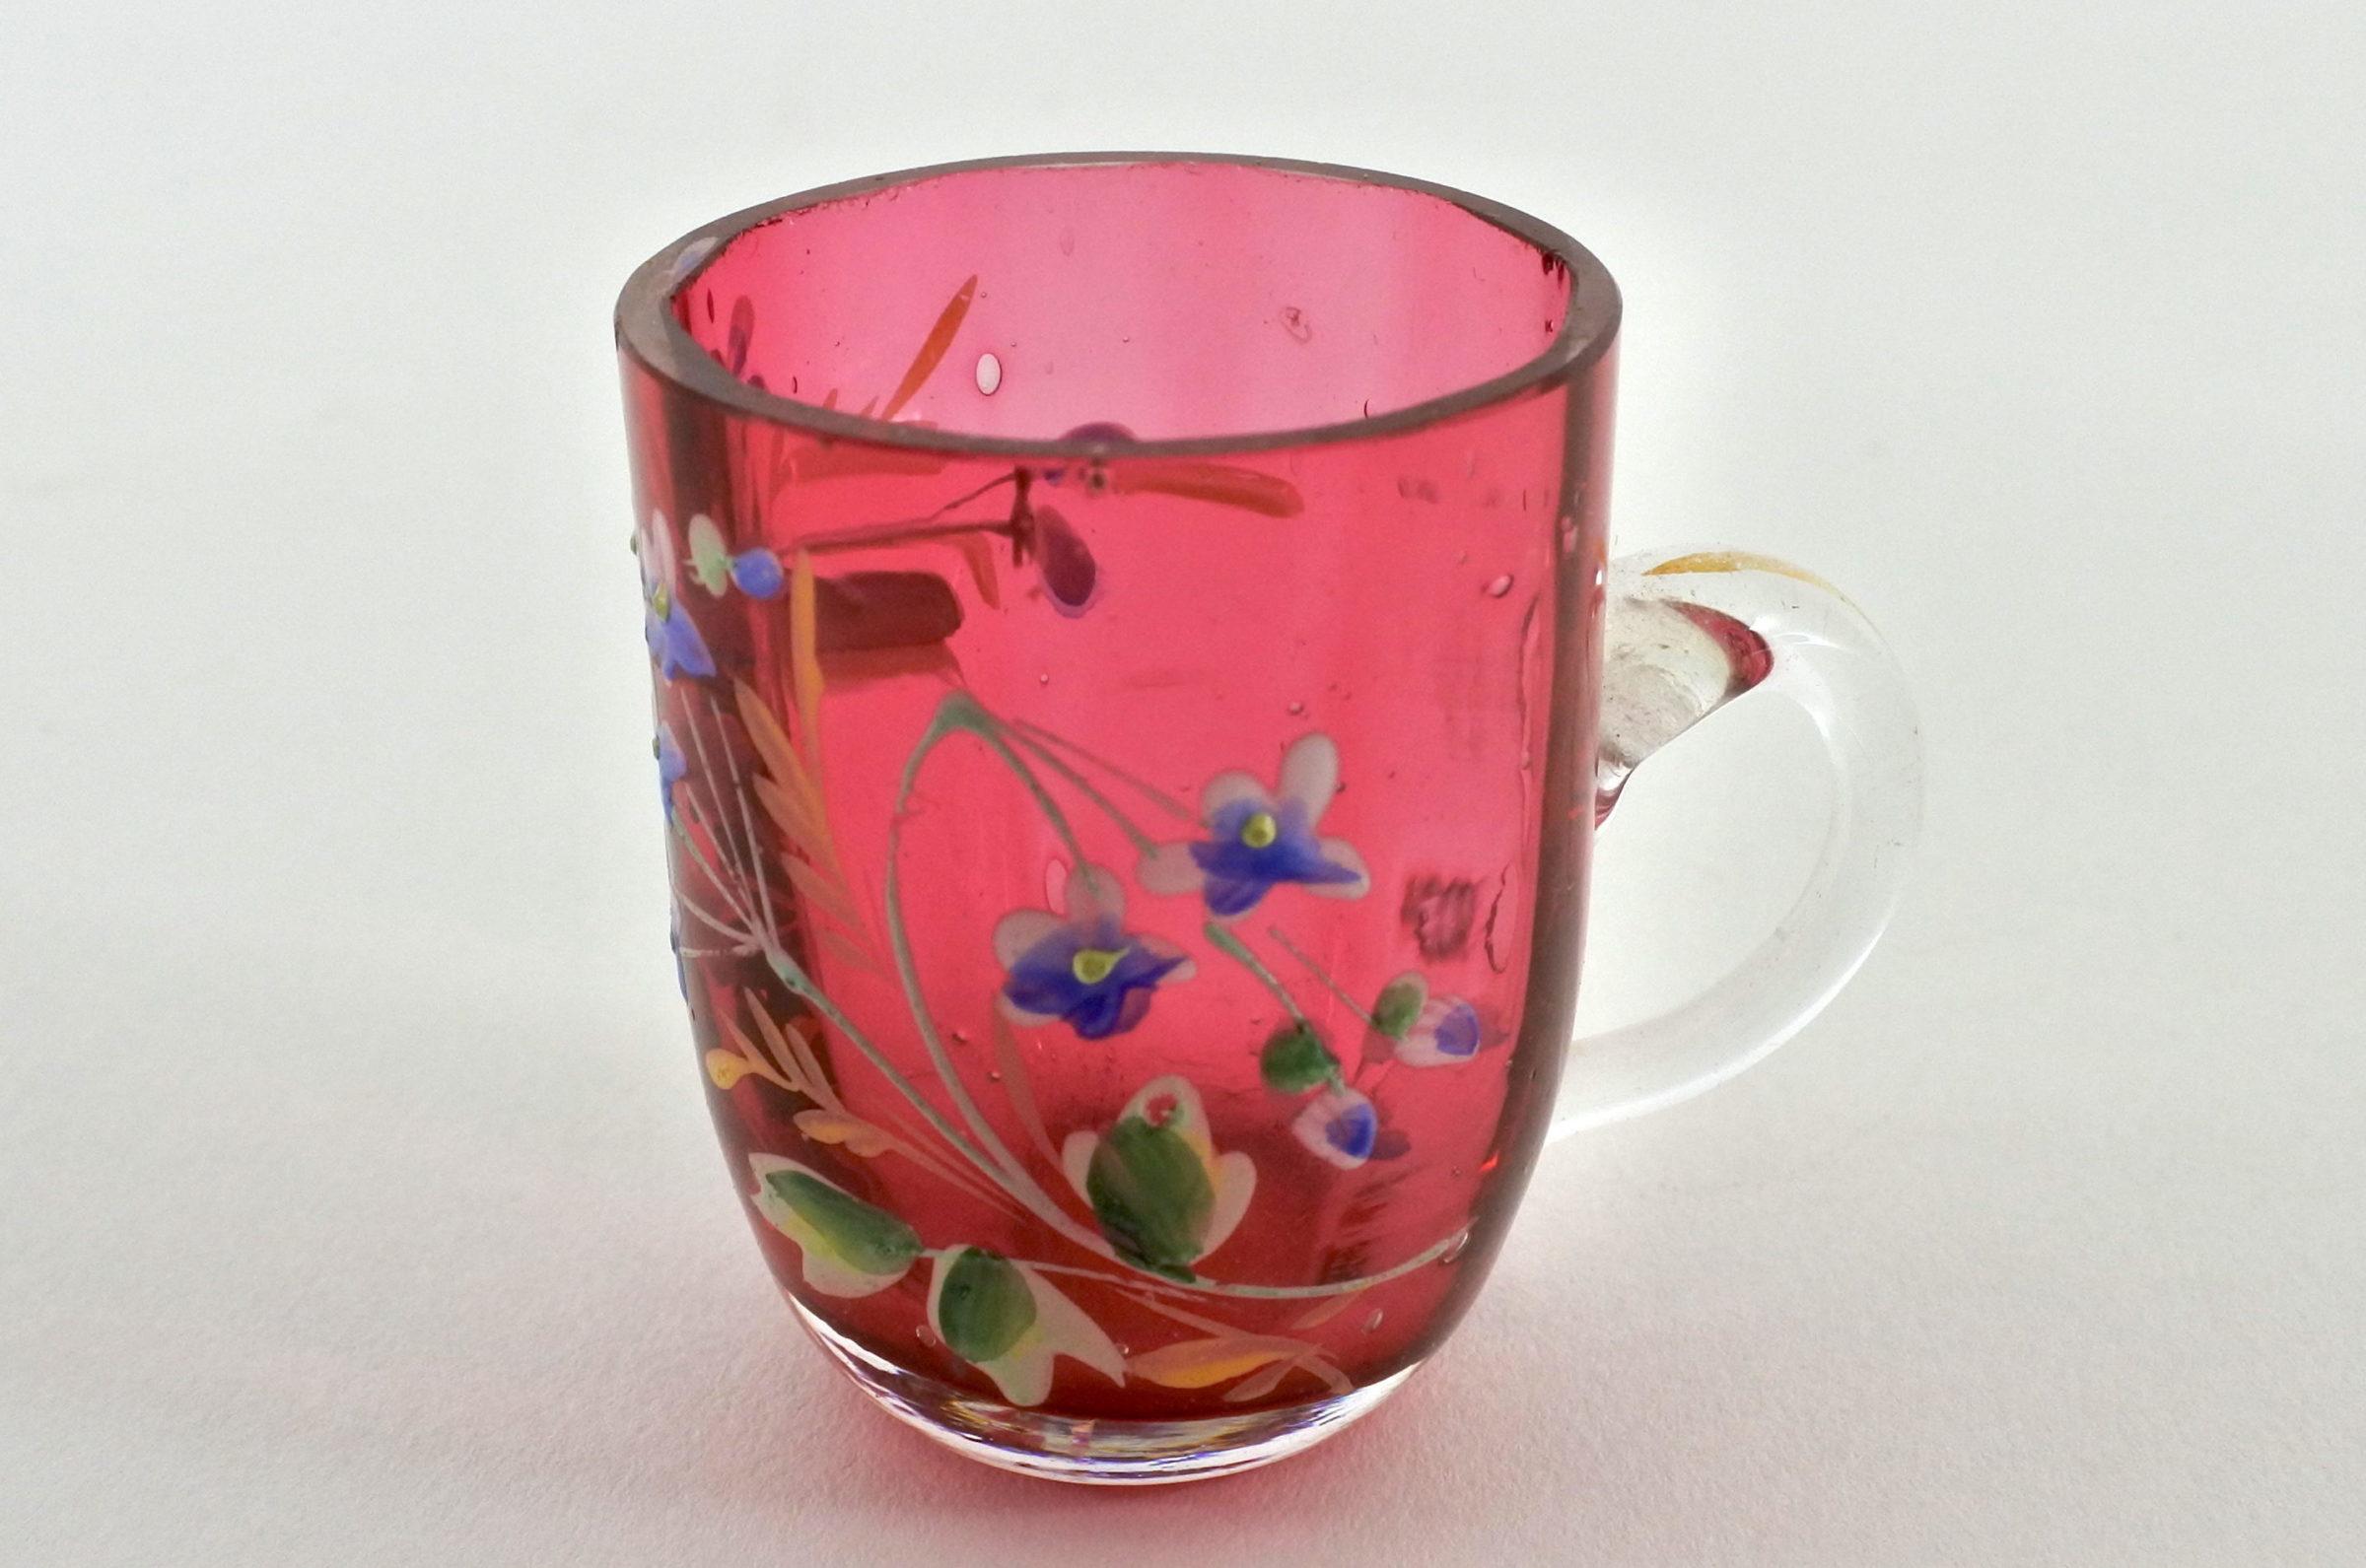 Bicchierino con manico in vetro rosso soffiato e smalti